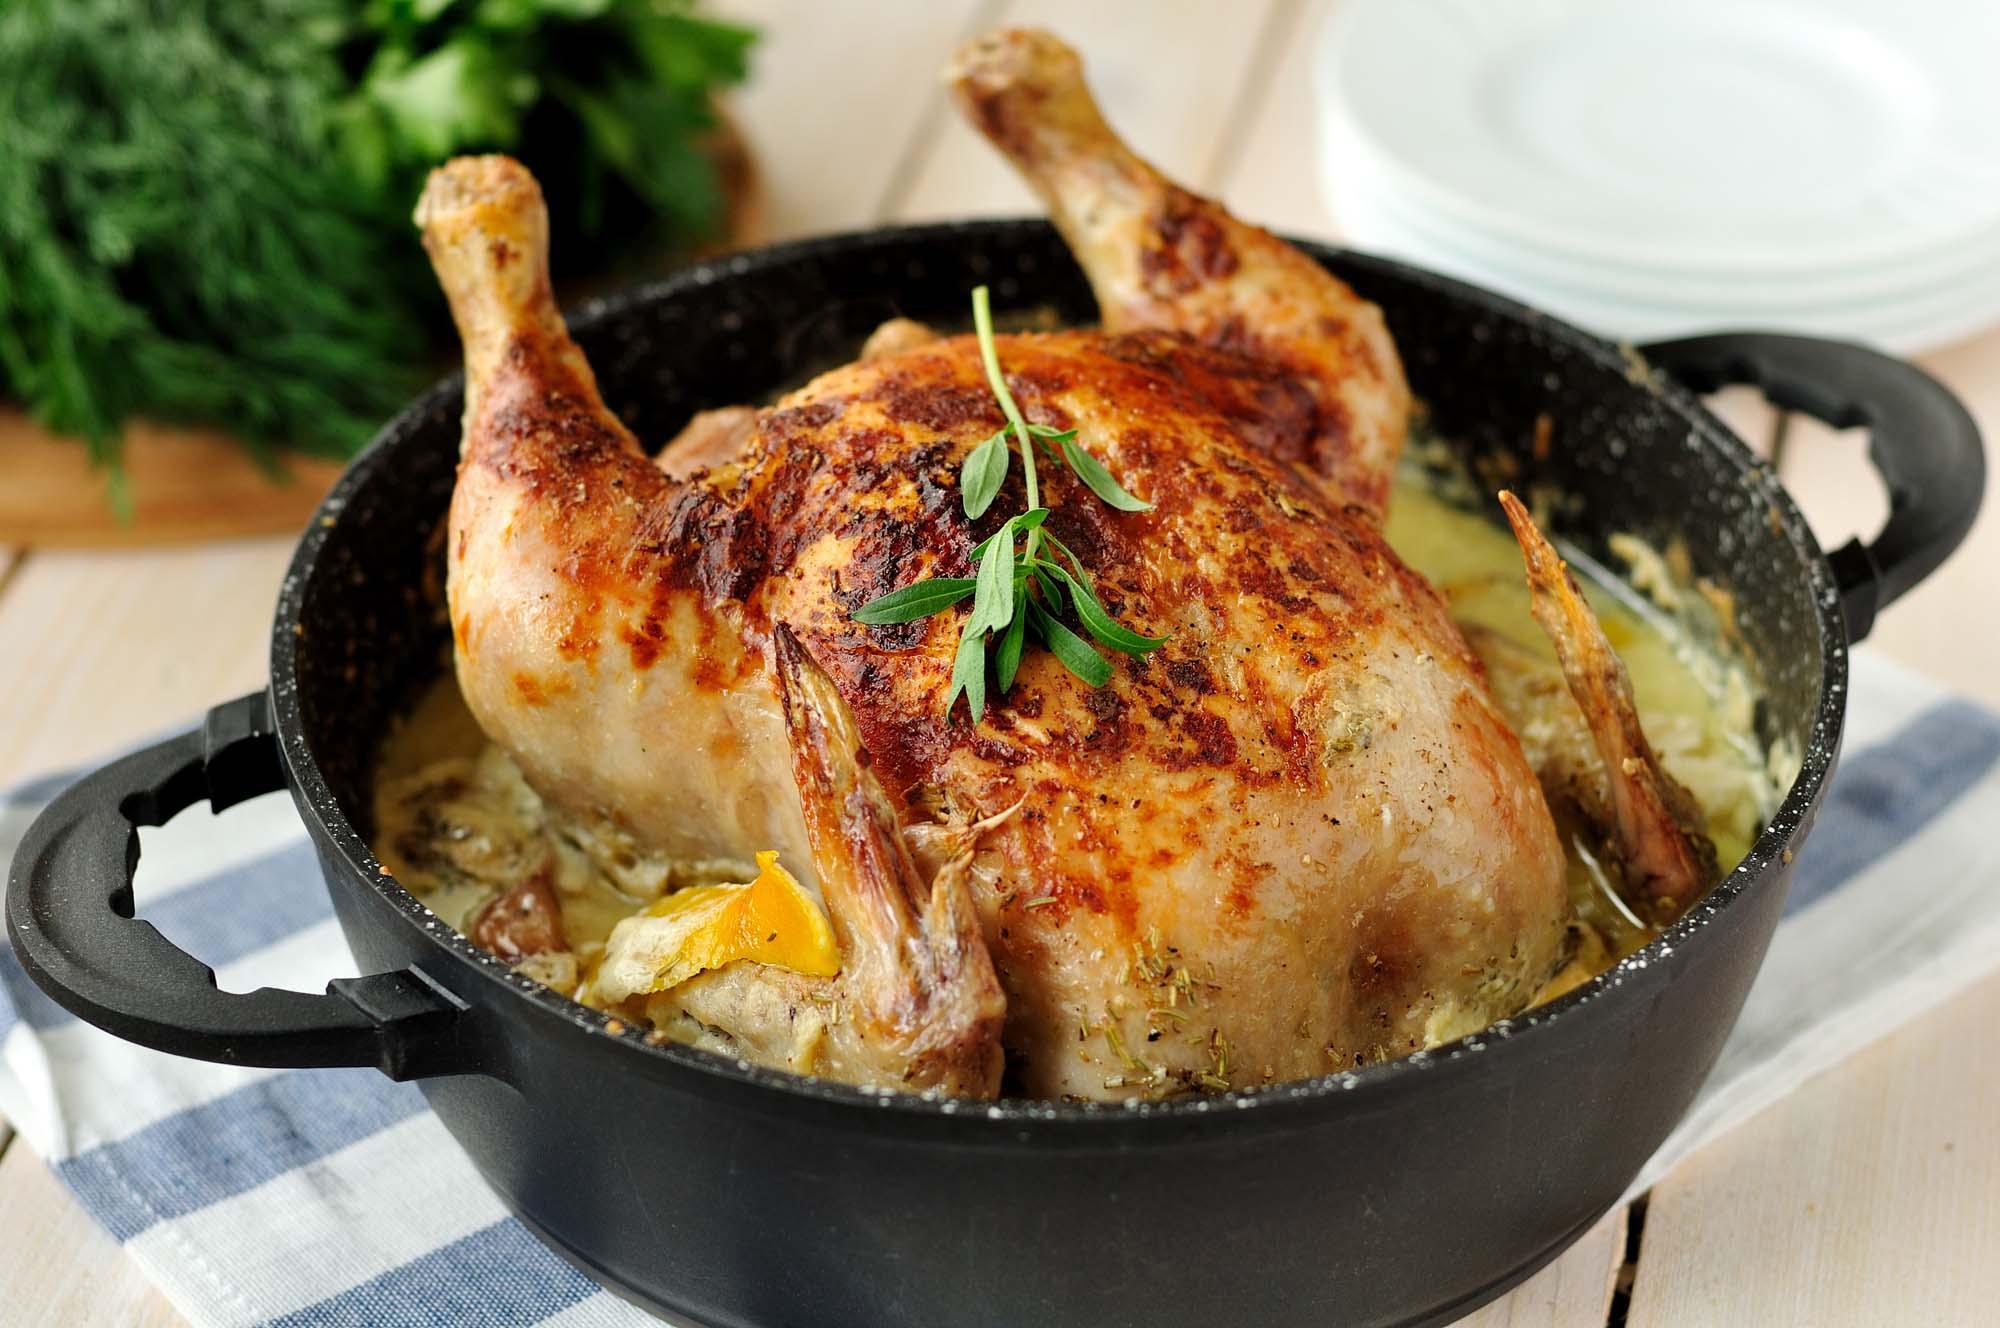 Helstegt kylling i gryde